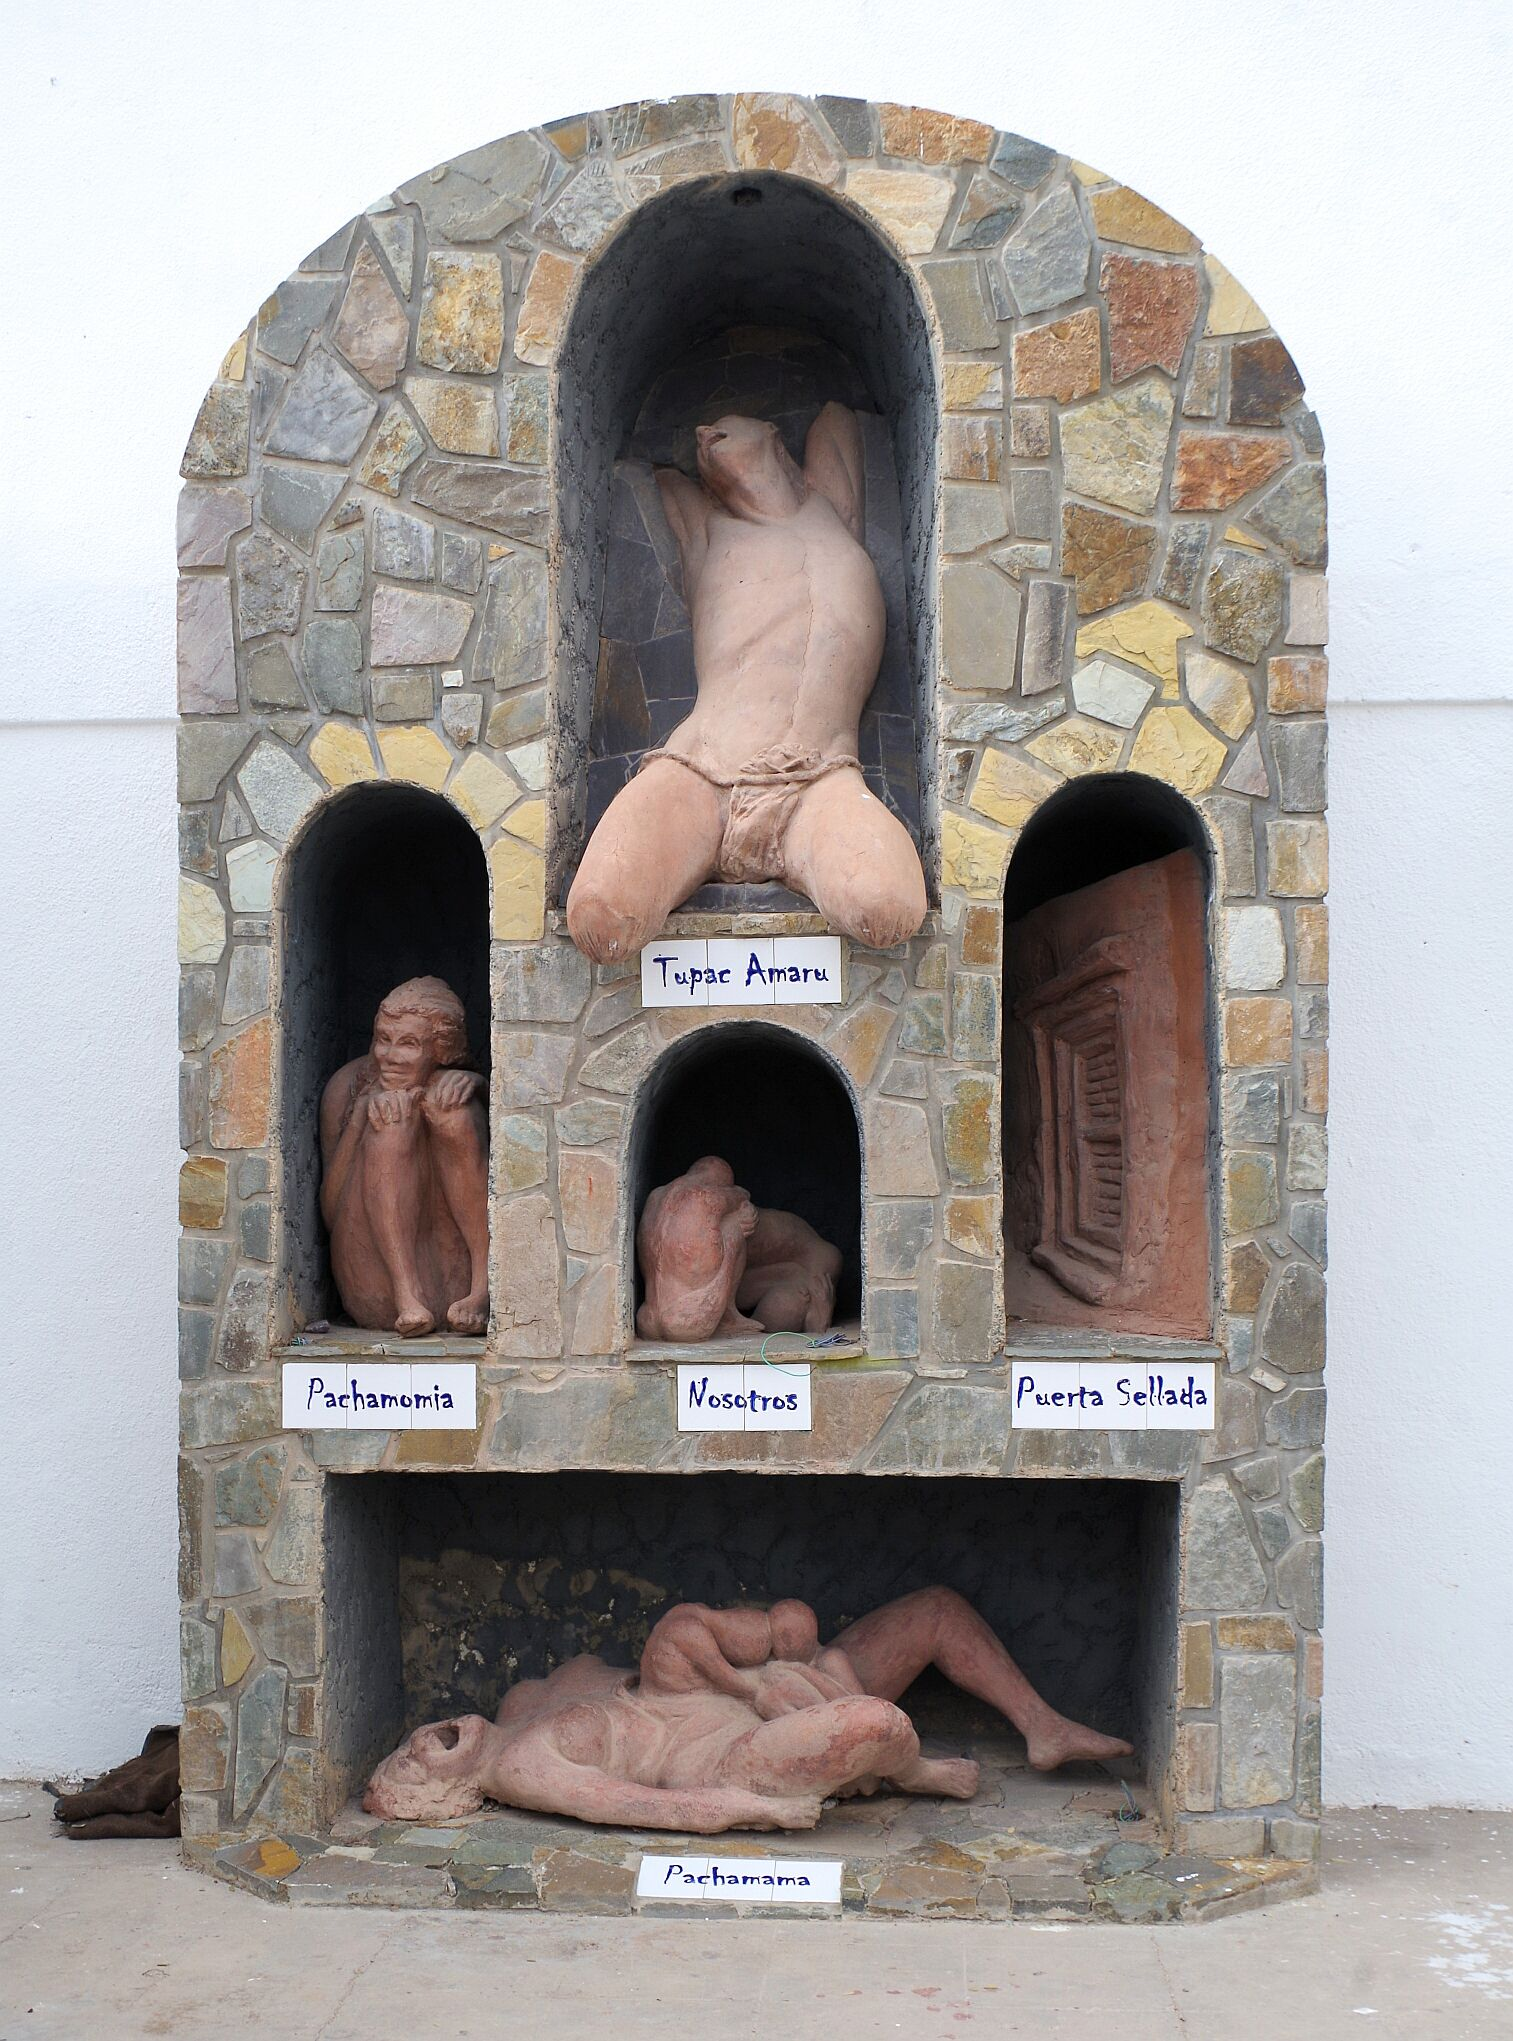 Это какой-то символический памятник, посвященный истории индейцев. Тупак Амару — последний вождь инков, казненный испанцами. Пачамама - одно из главных женских божеств в мифологии. Носотрос — мы. Пуэрта селлада — запечатанная дверь